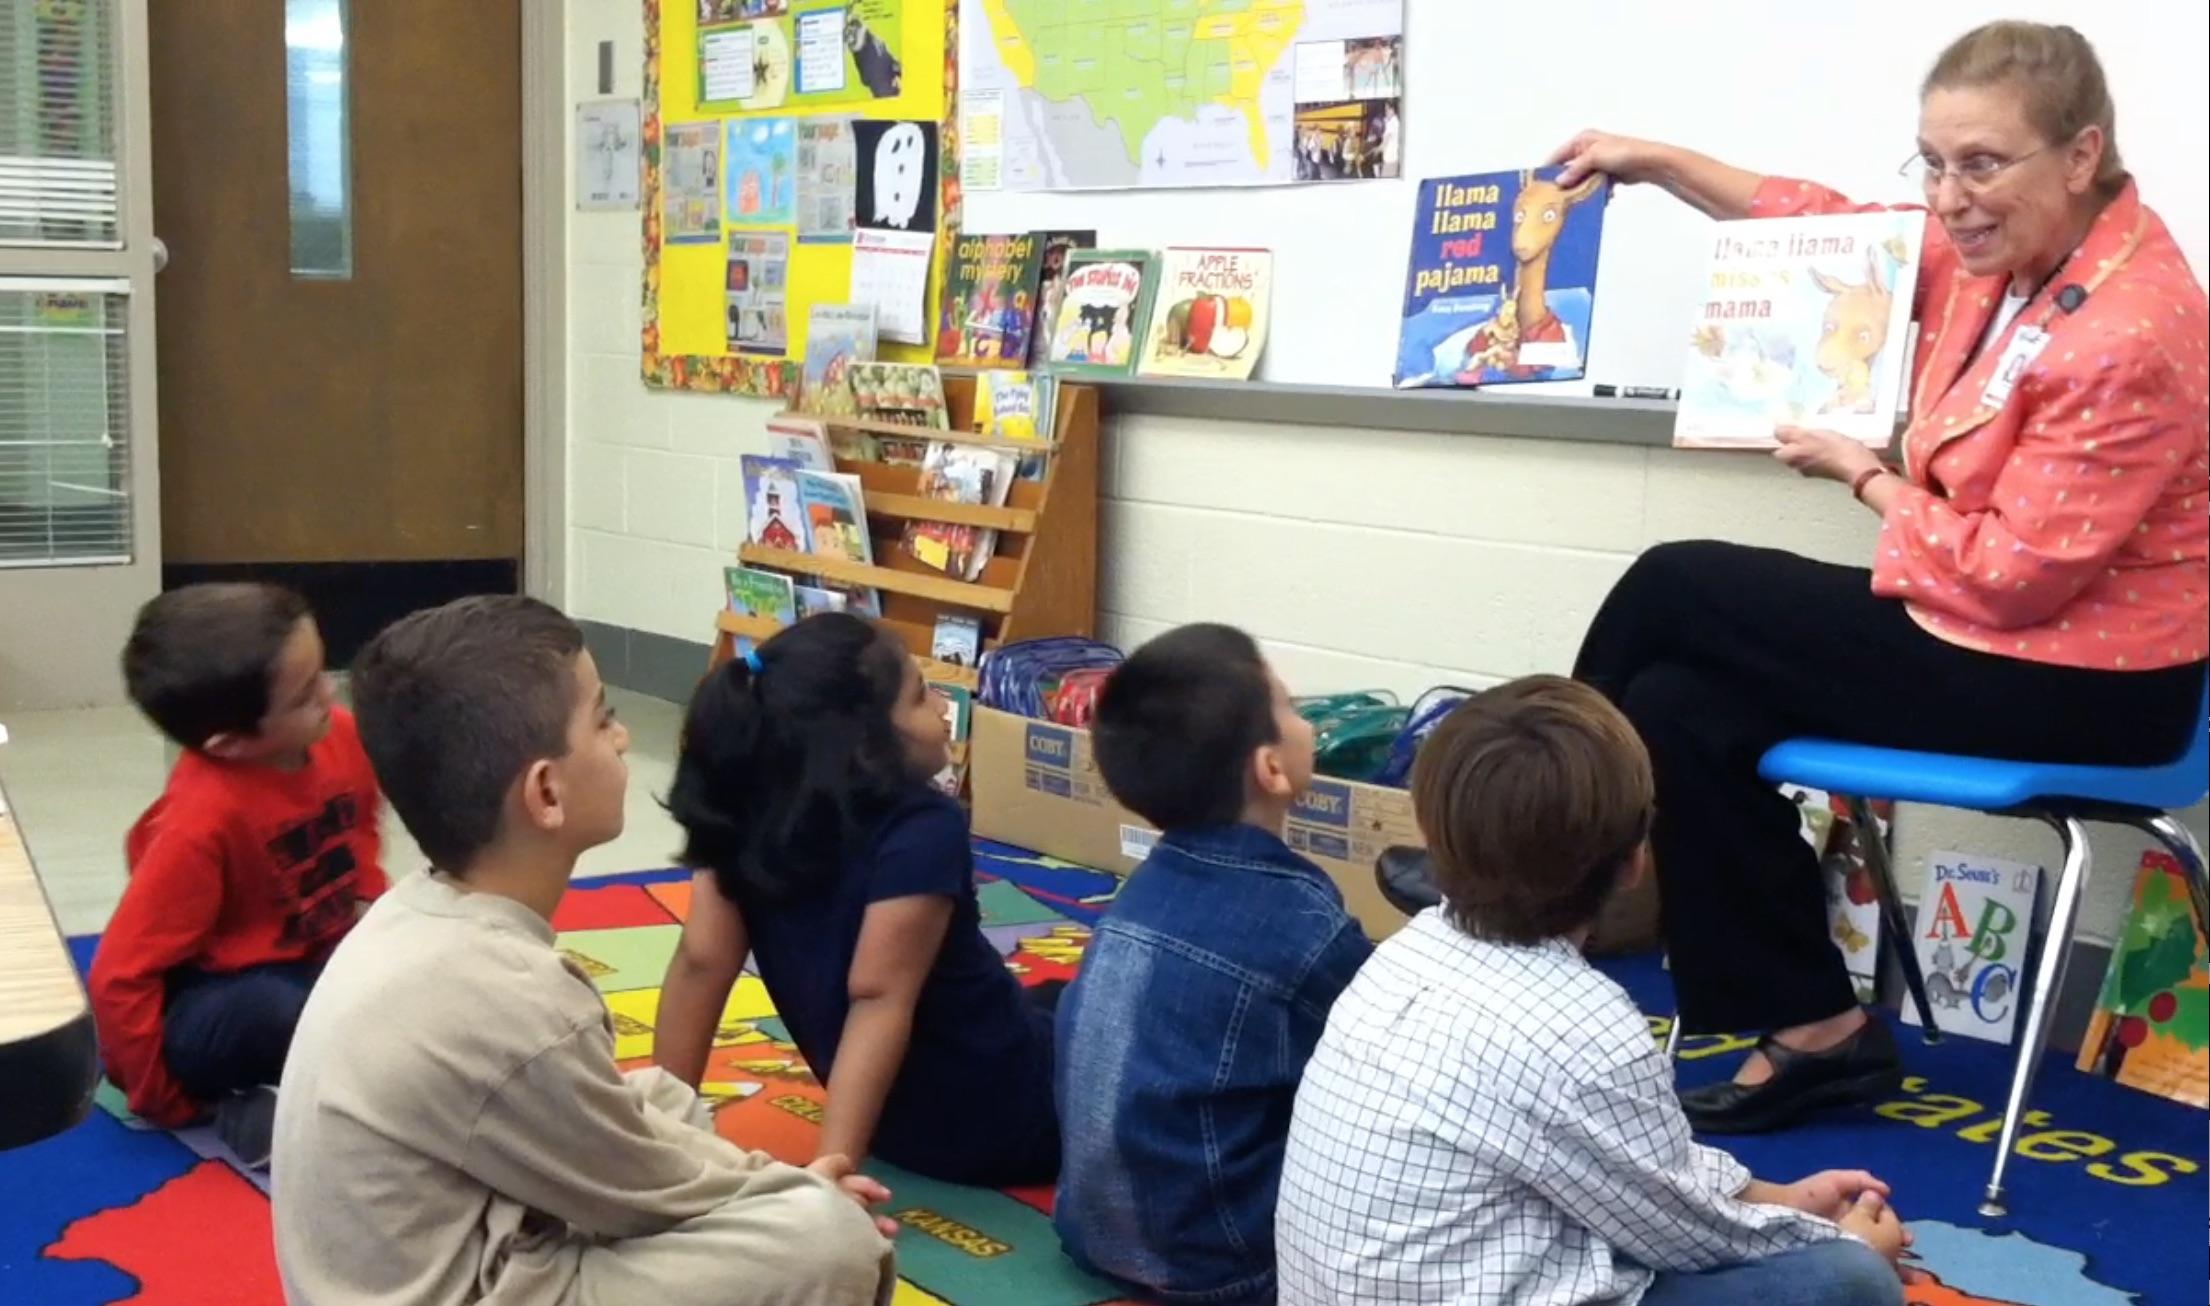 A retired teacher, Barbara Gottschalk, reads aloud.